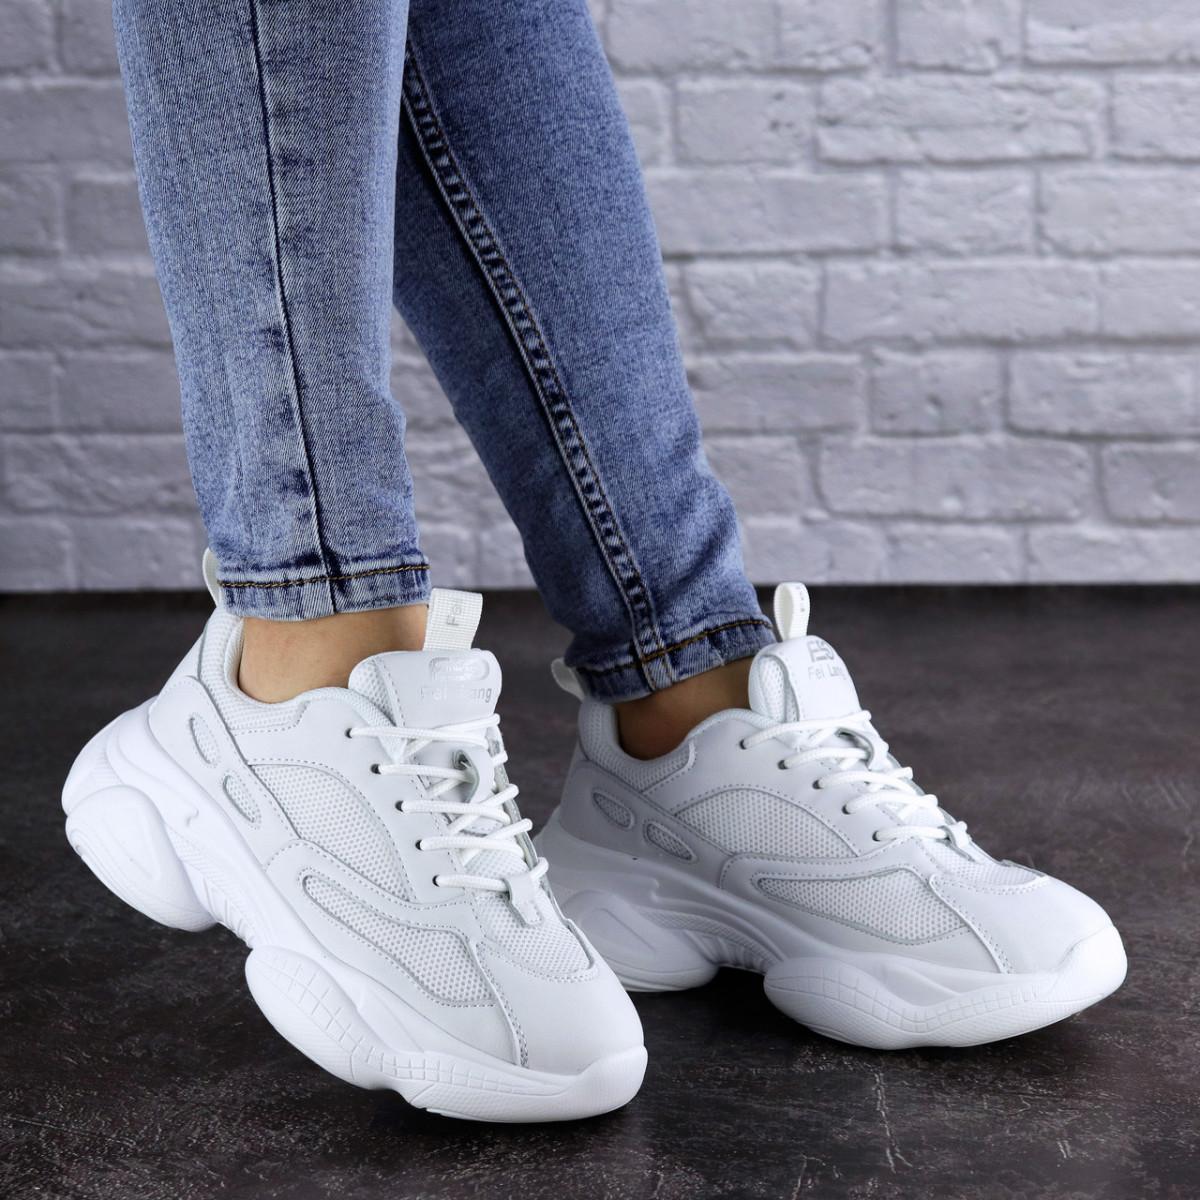 Женские кроссовки белые Bonita 1937 (37 размер)